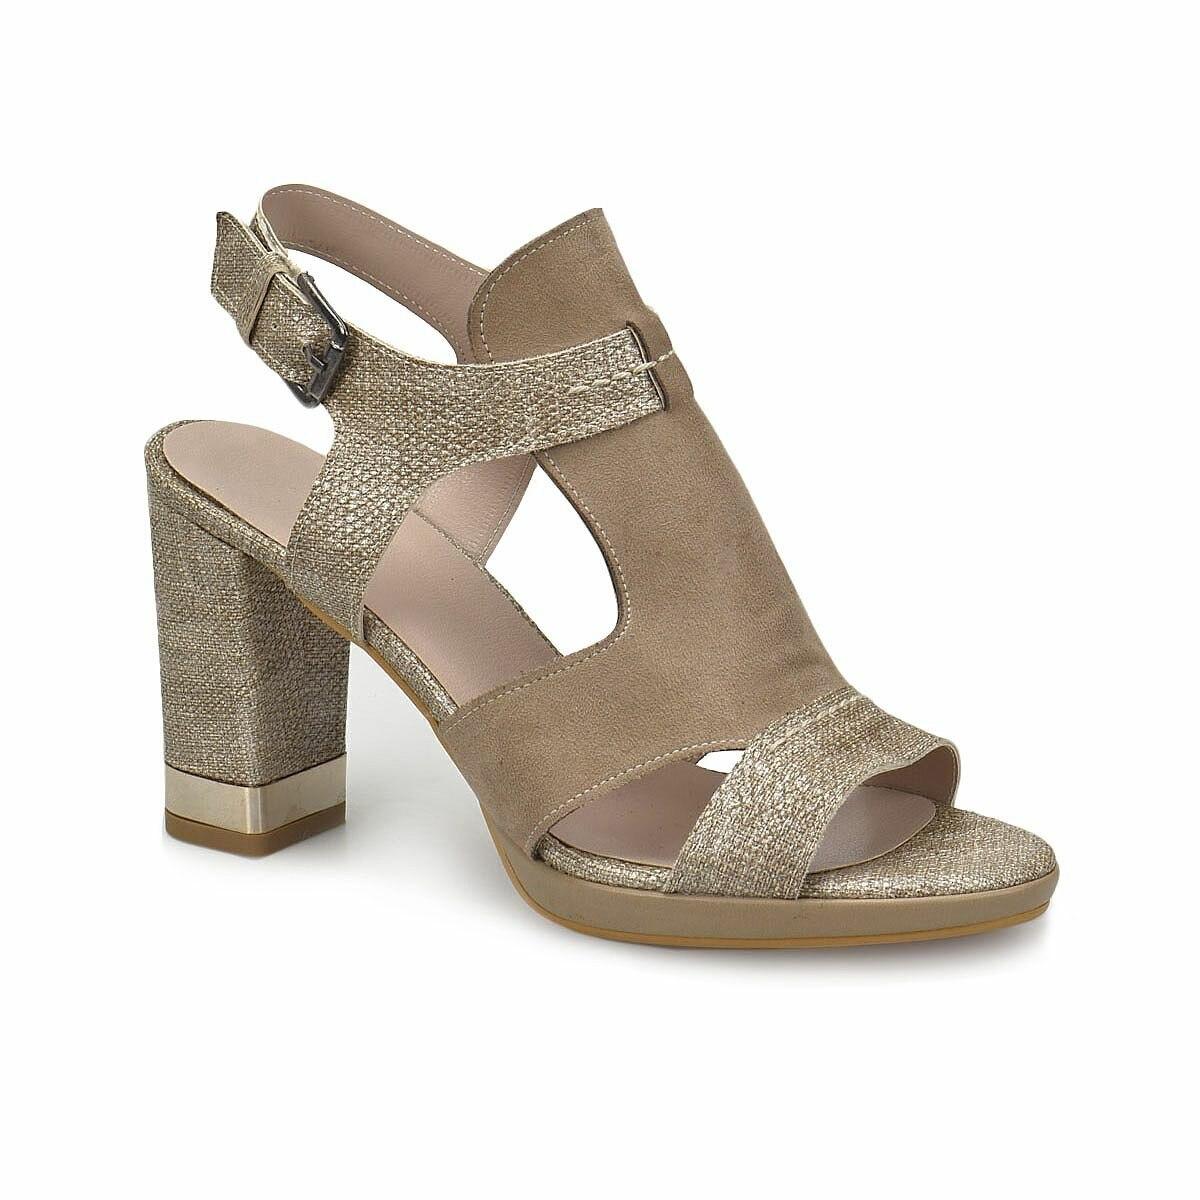 FLO DS18076 Mink Women 'S Dress Shoes Miss F